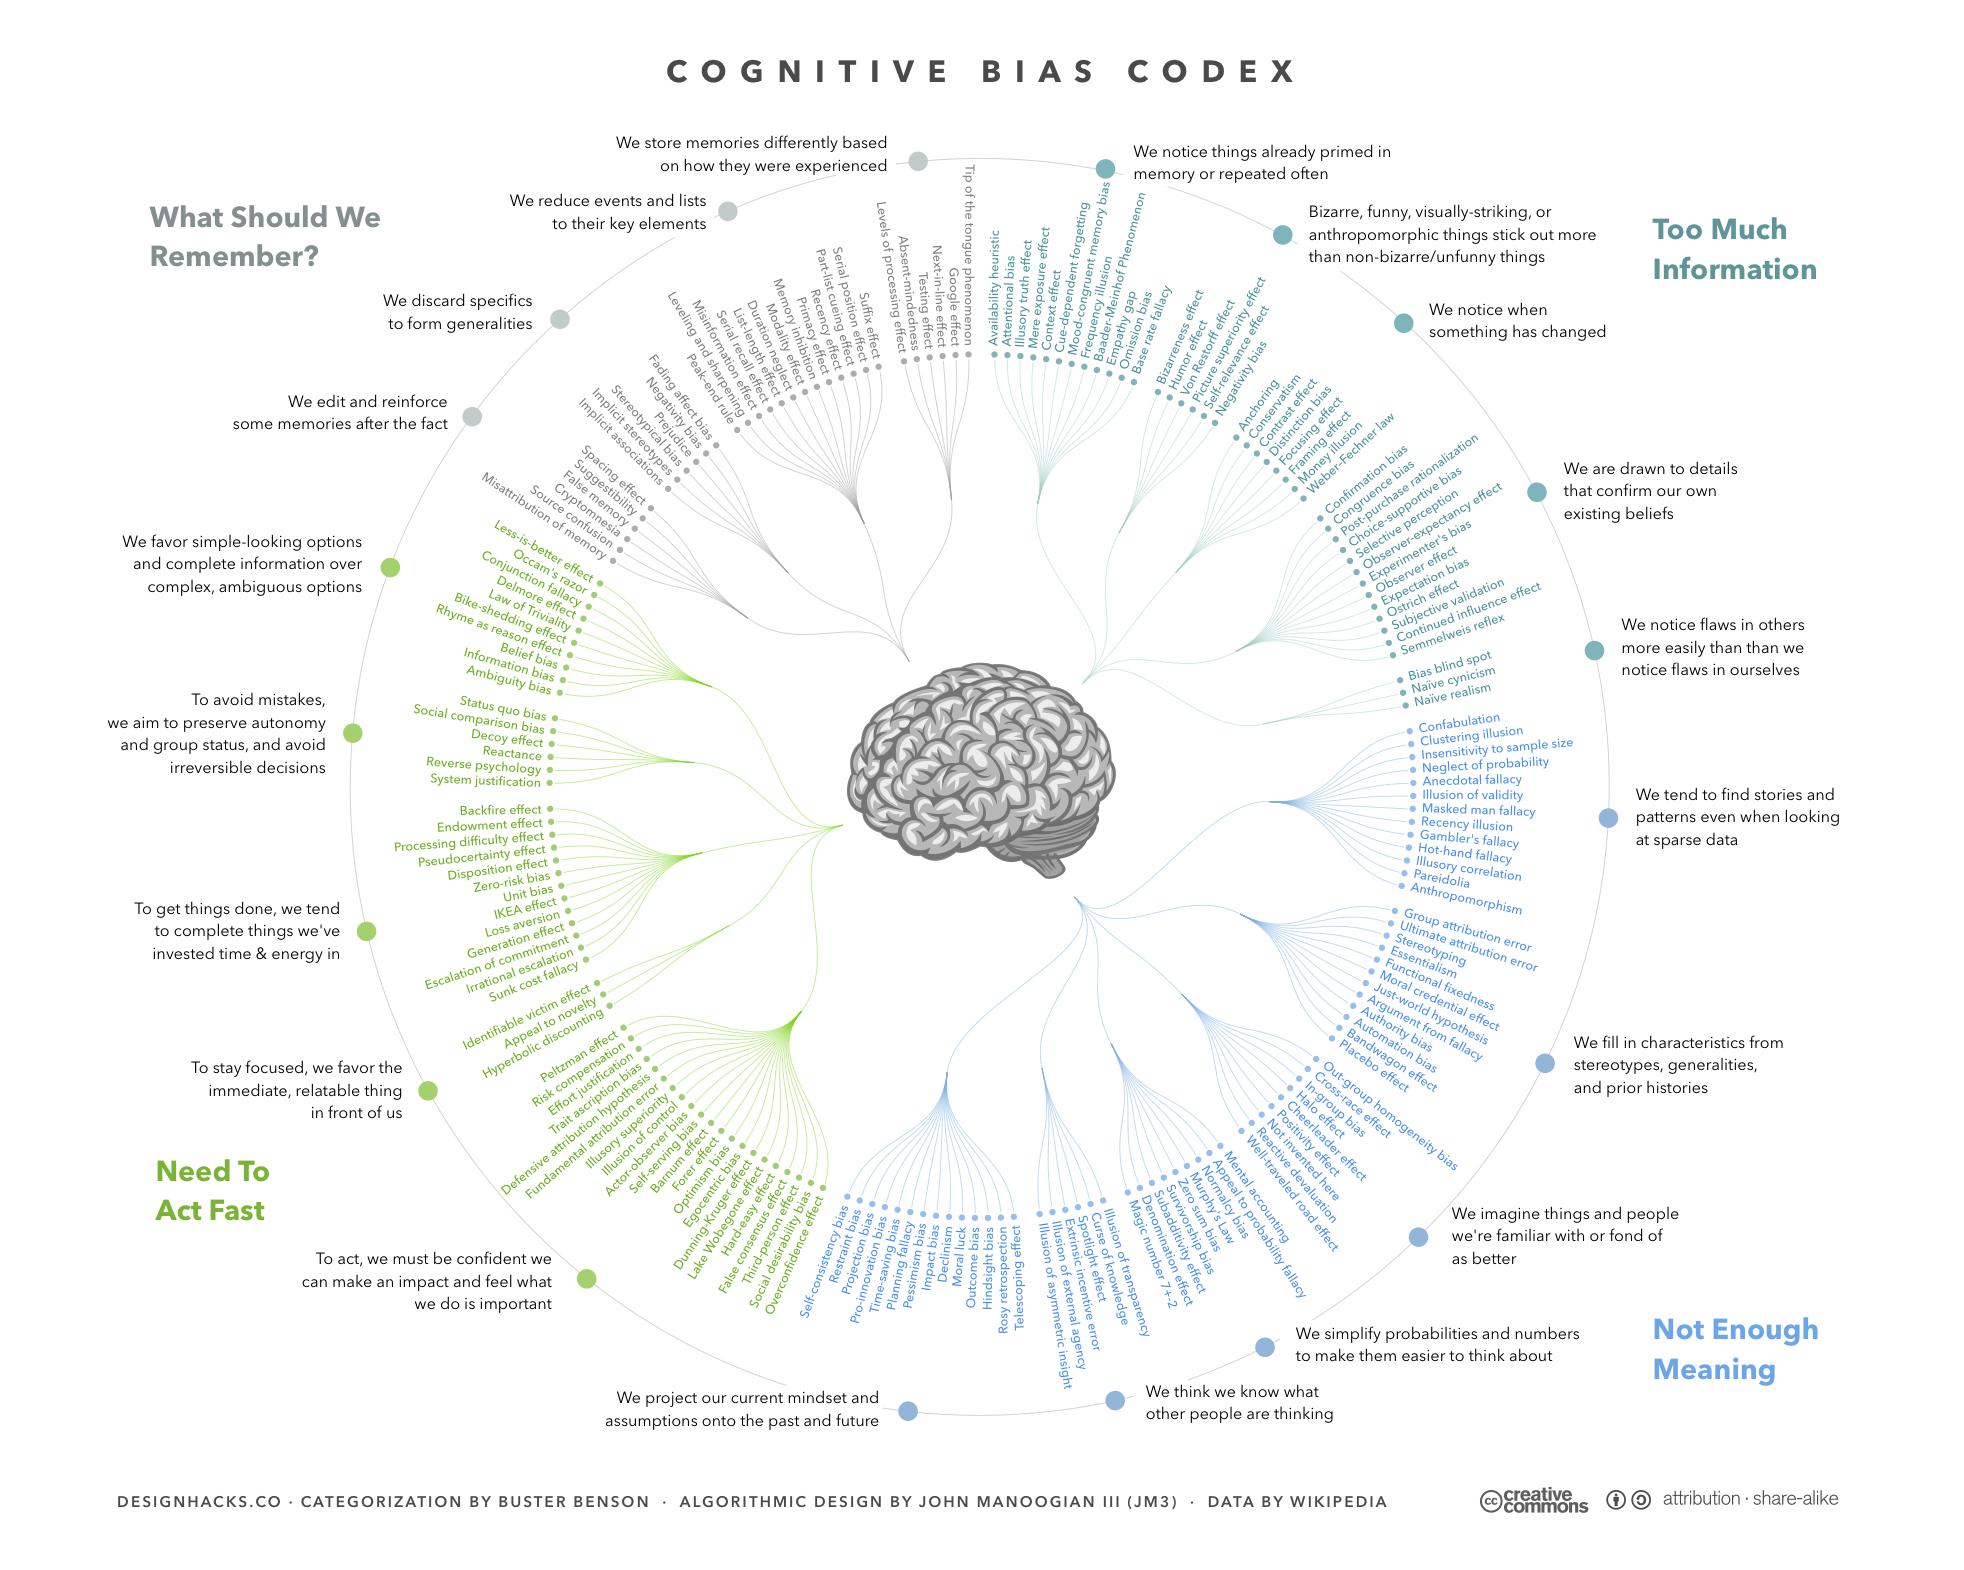 Cognitive-Bias-Valerio-Rosso